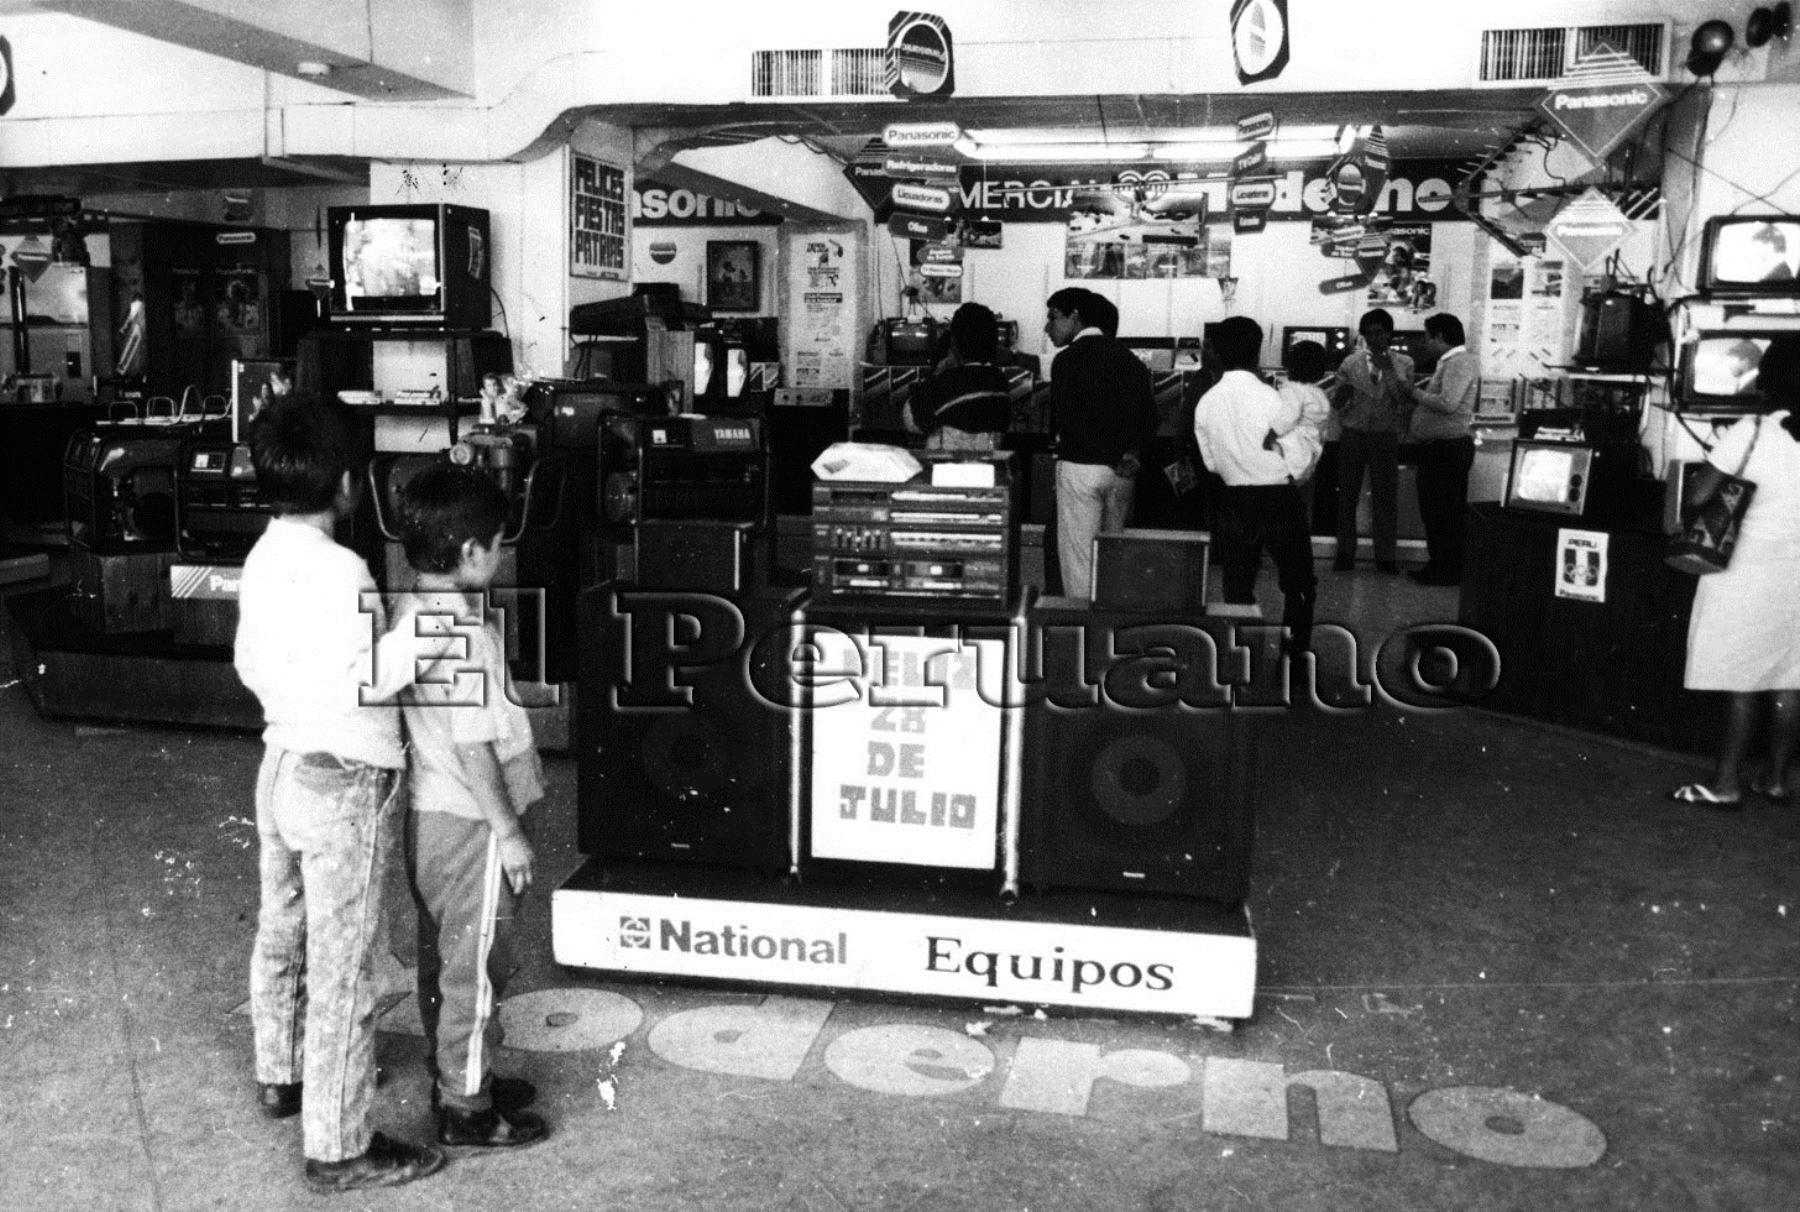 Venta de electrodomésticos durante la recordada feria. Foto: Archivo Histórico El Peruano